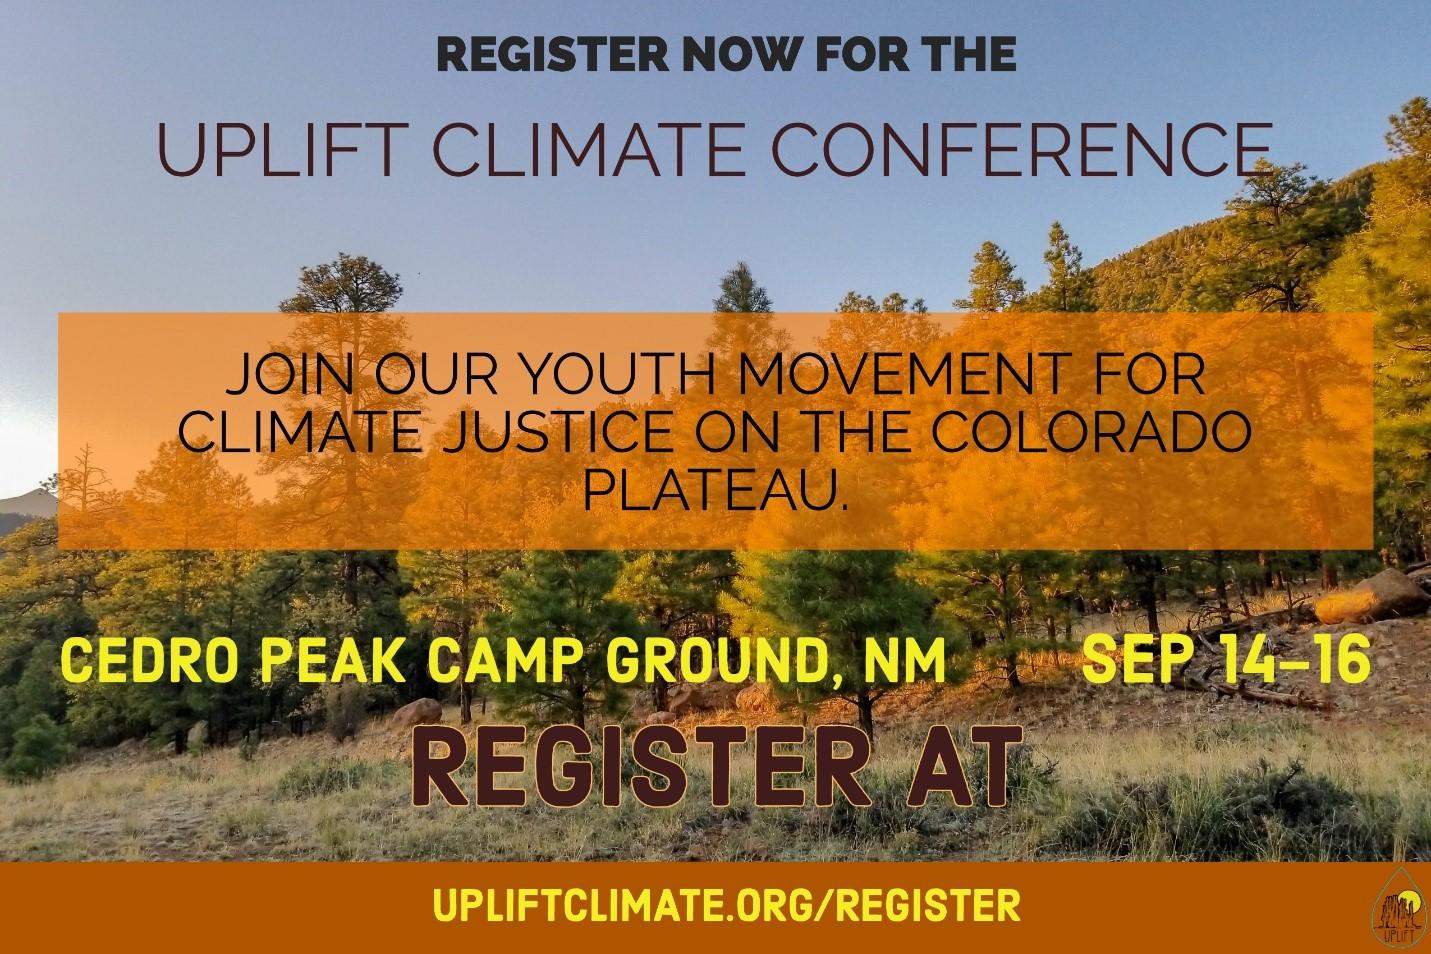 Aviso de la Conferencia Uplift